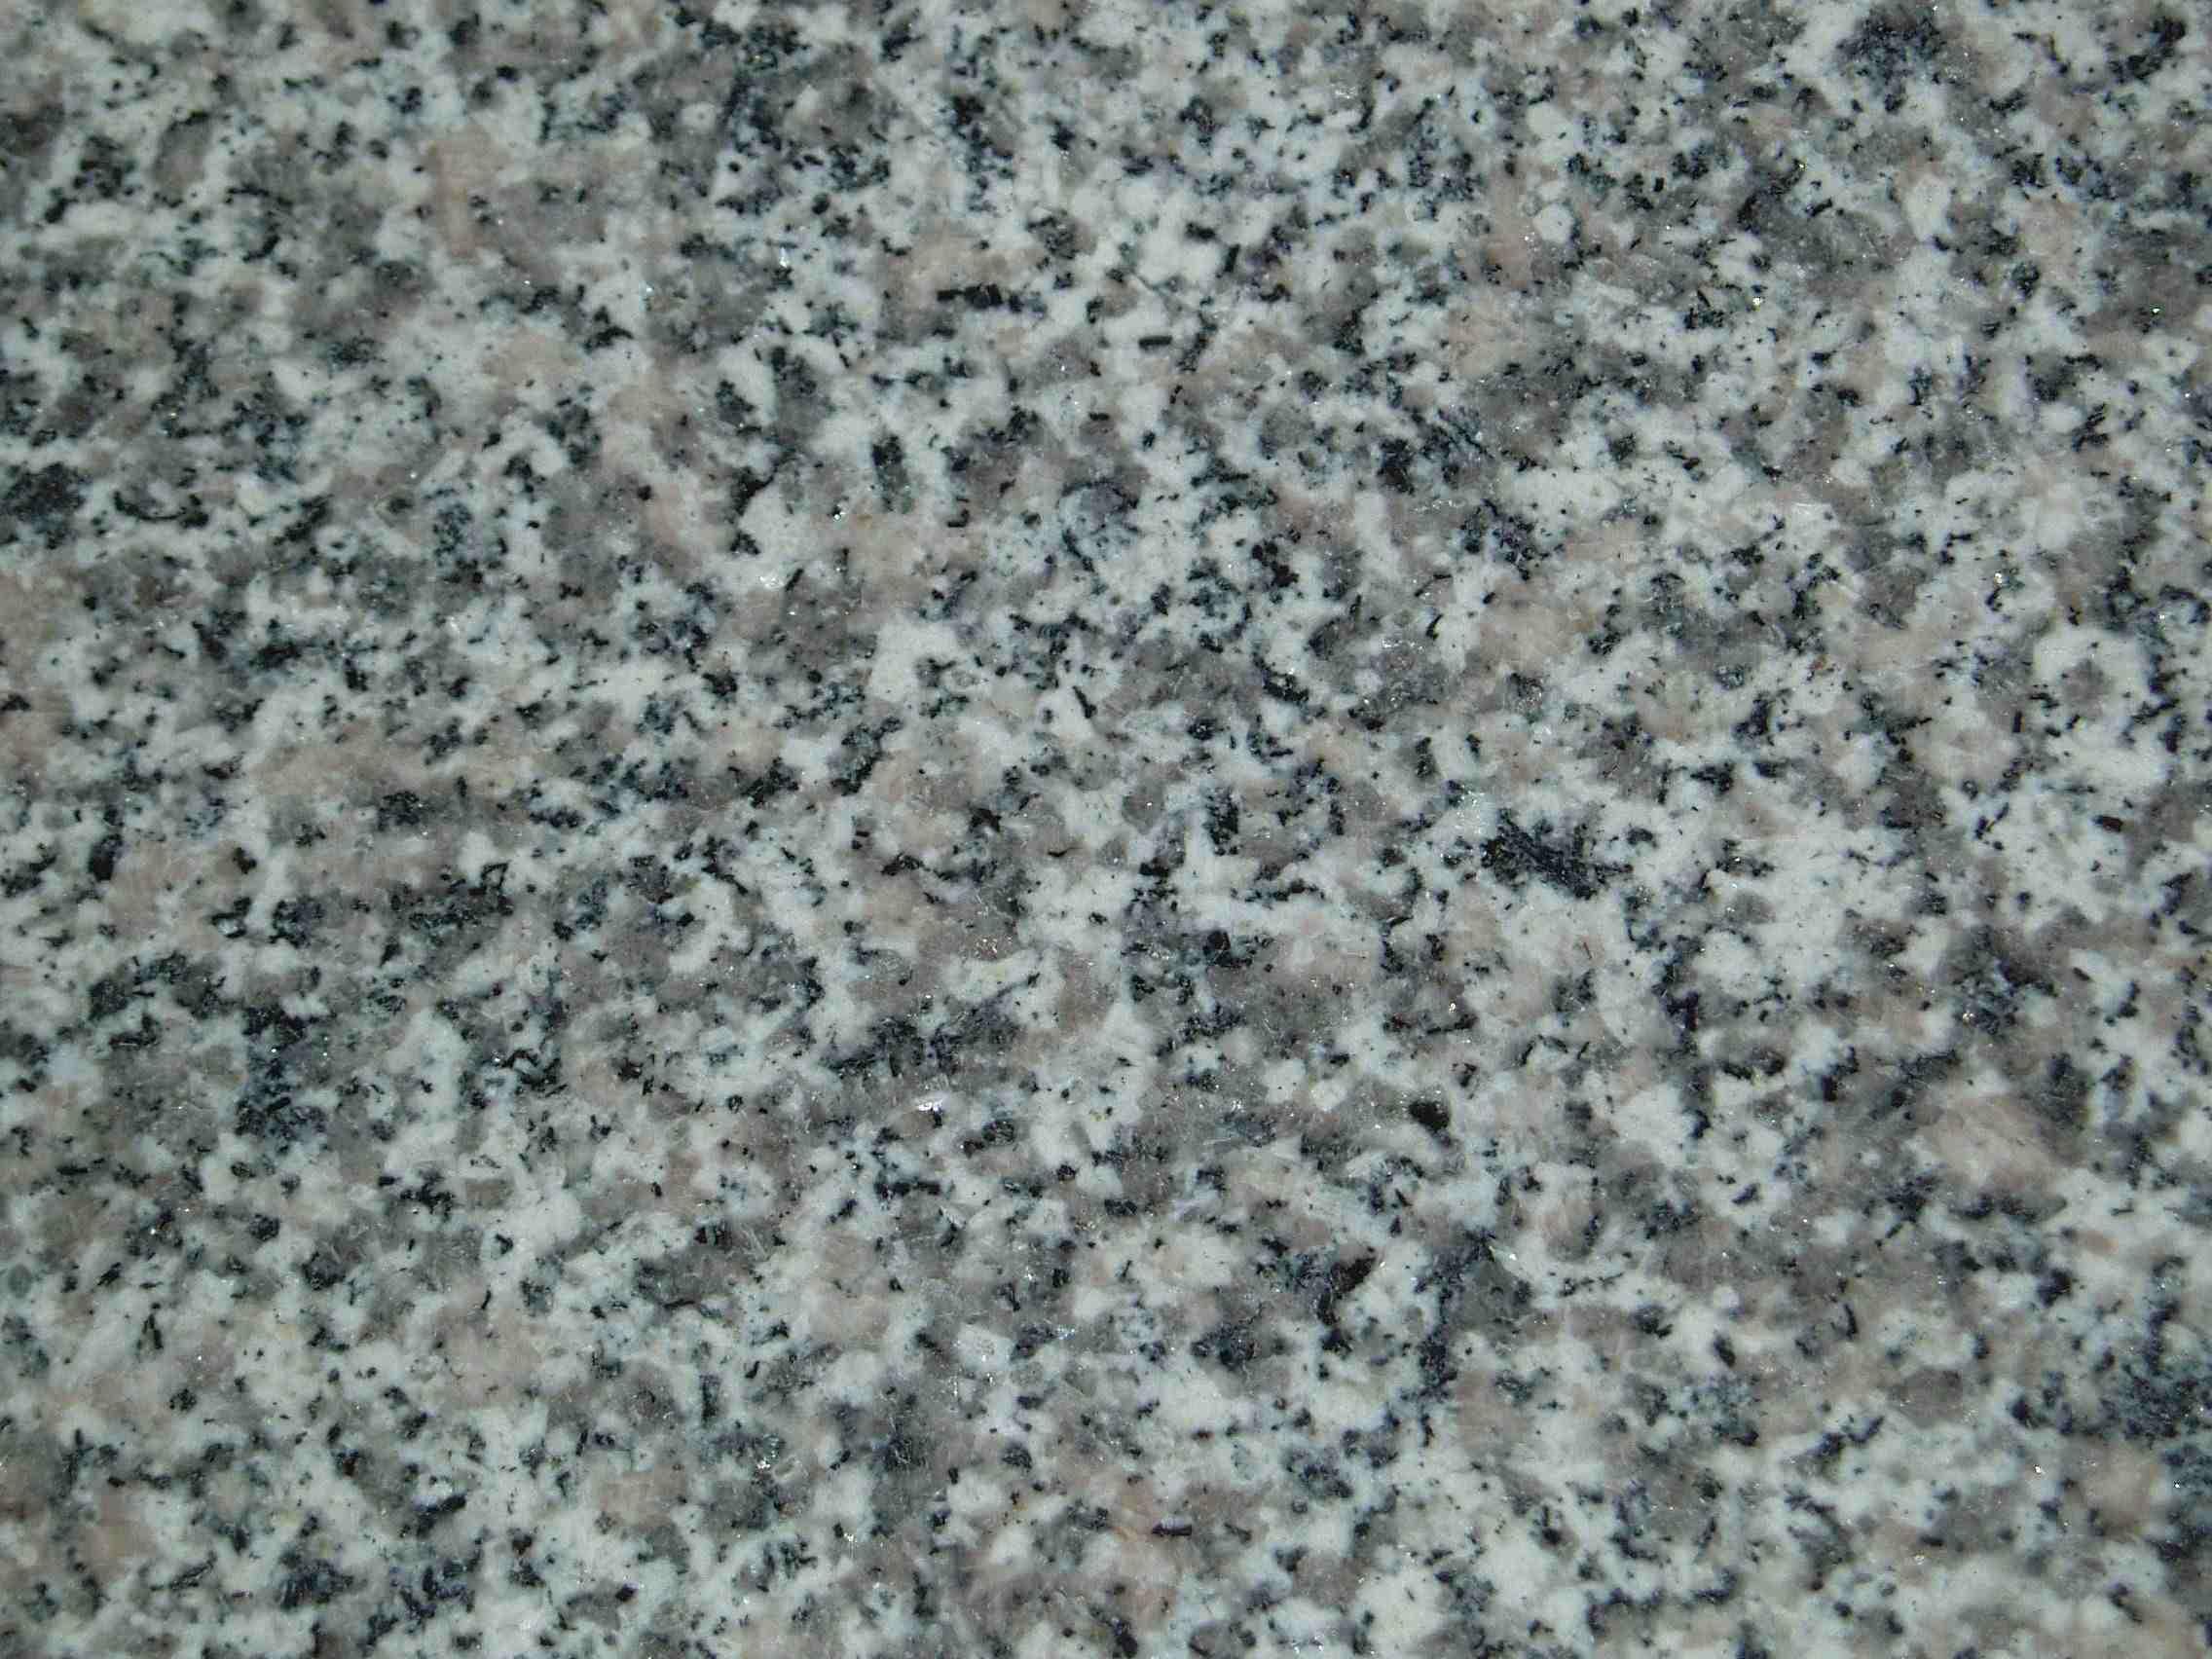 carrelage de granit g623 carrelage de granit g623 fournis par xiamen co gold imp exp co ltd. Black Bedroom Furniture Sets. Home Design Ideas